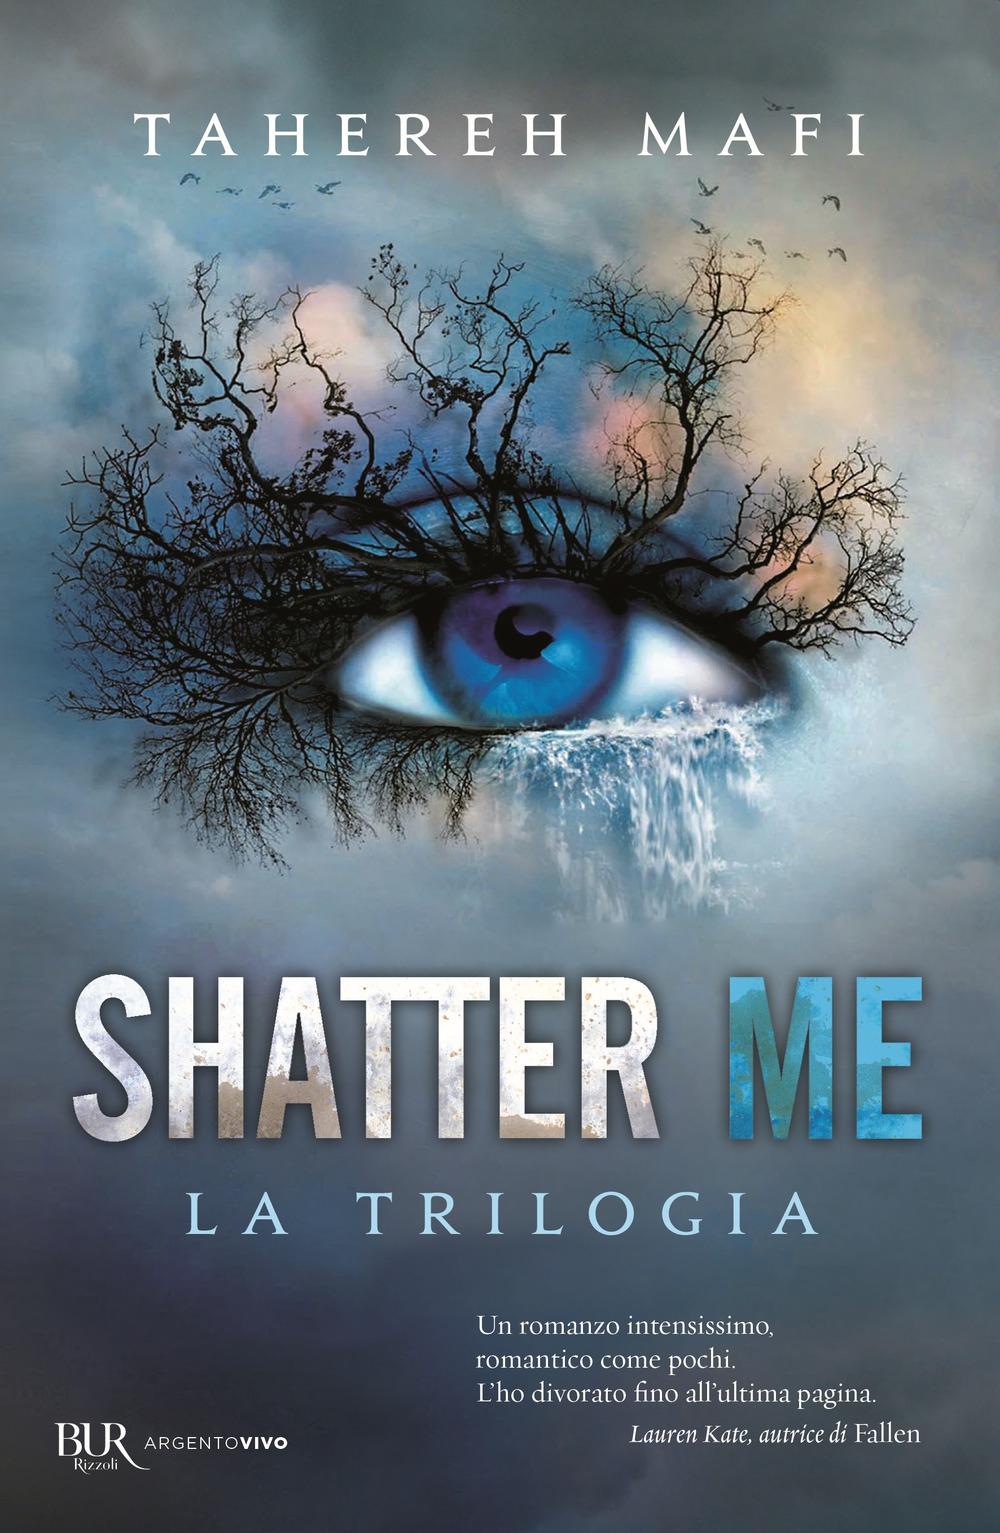 Shatter me. La trilogia